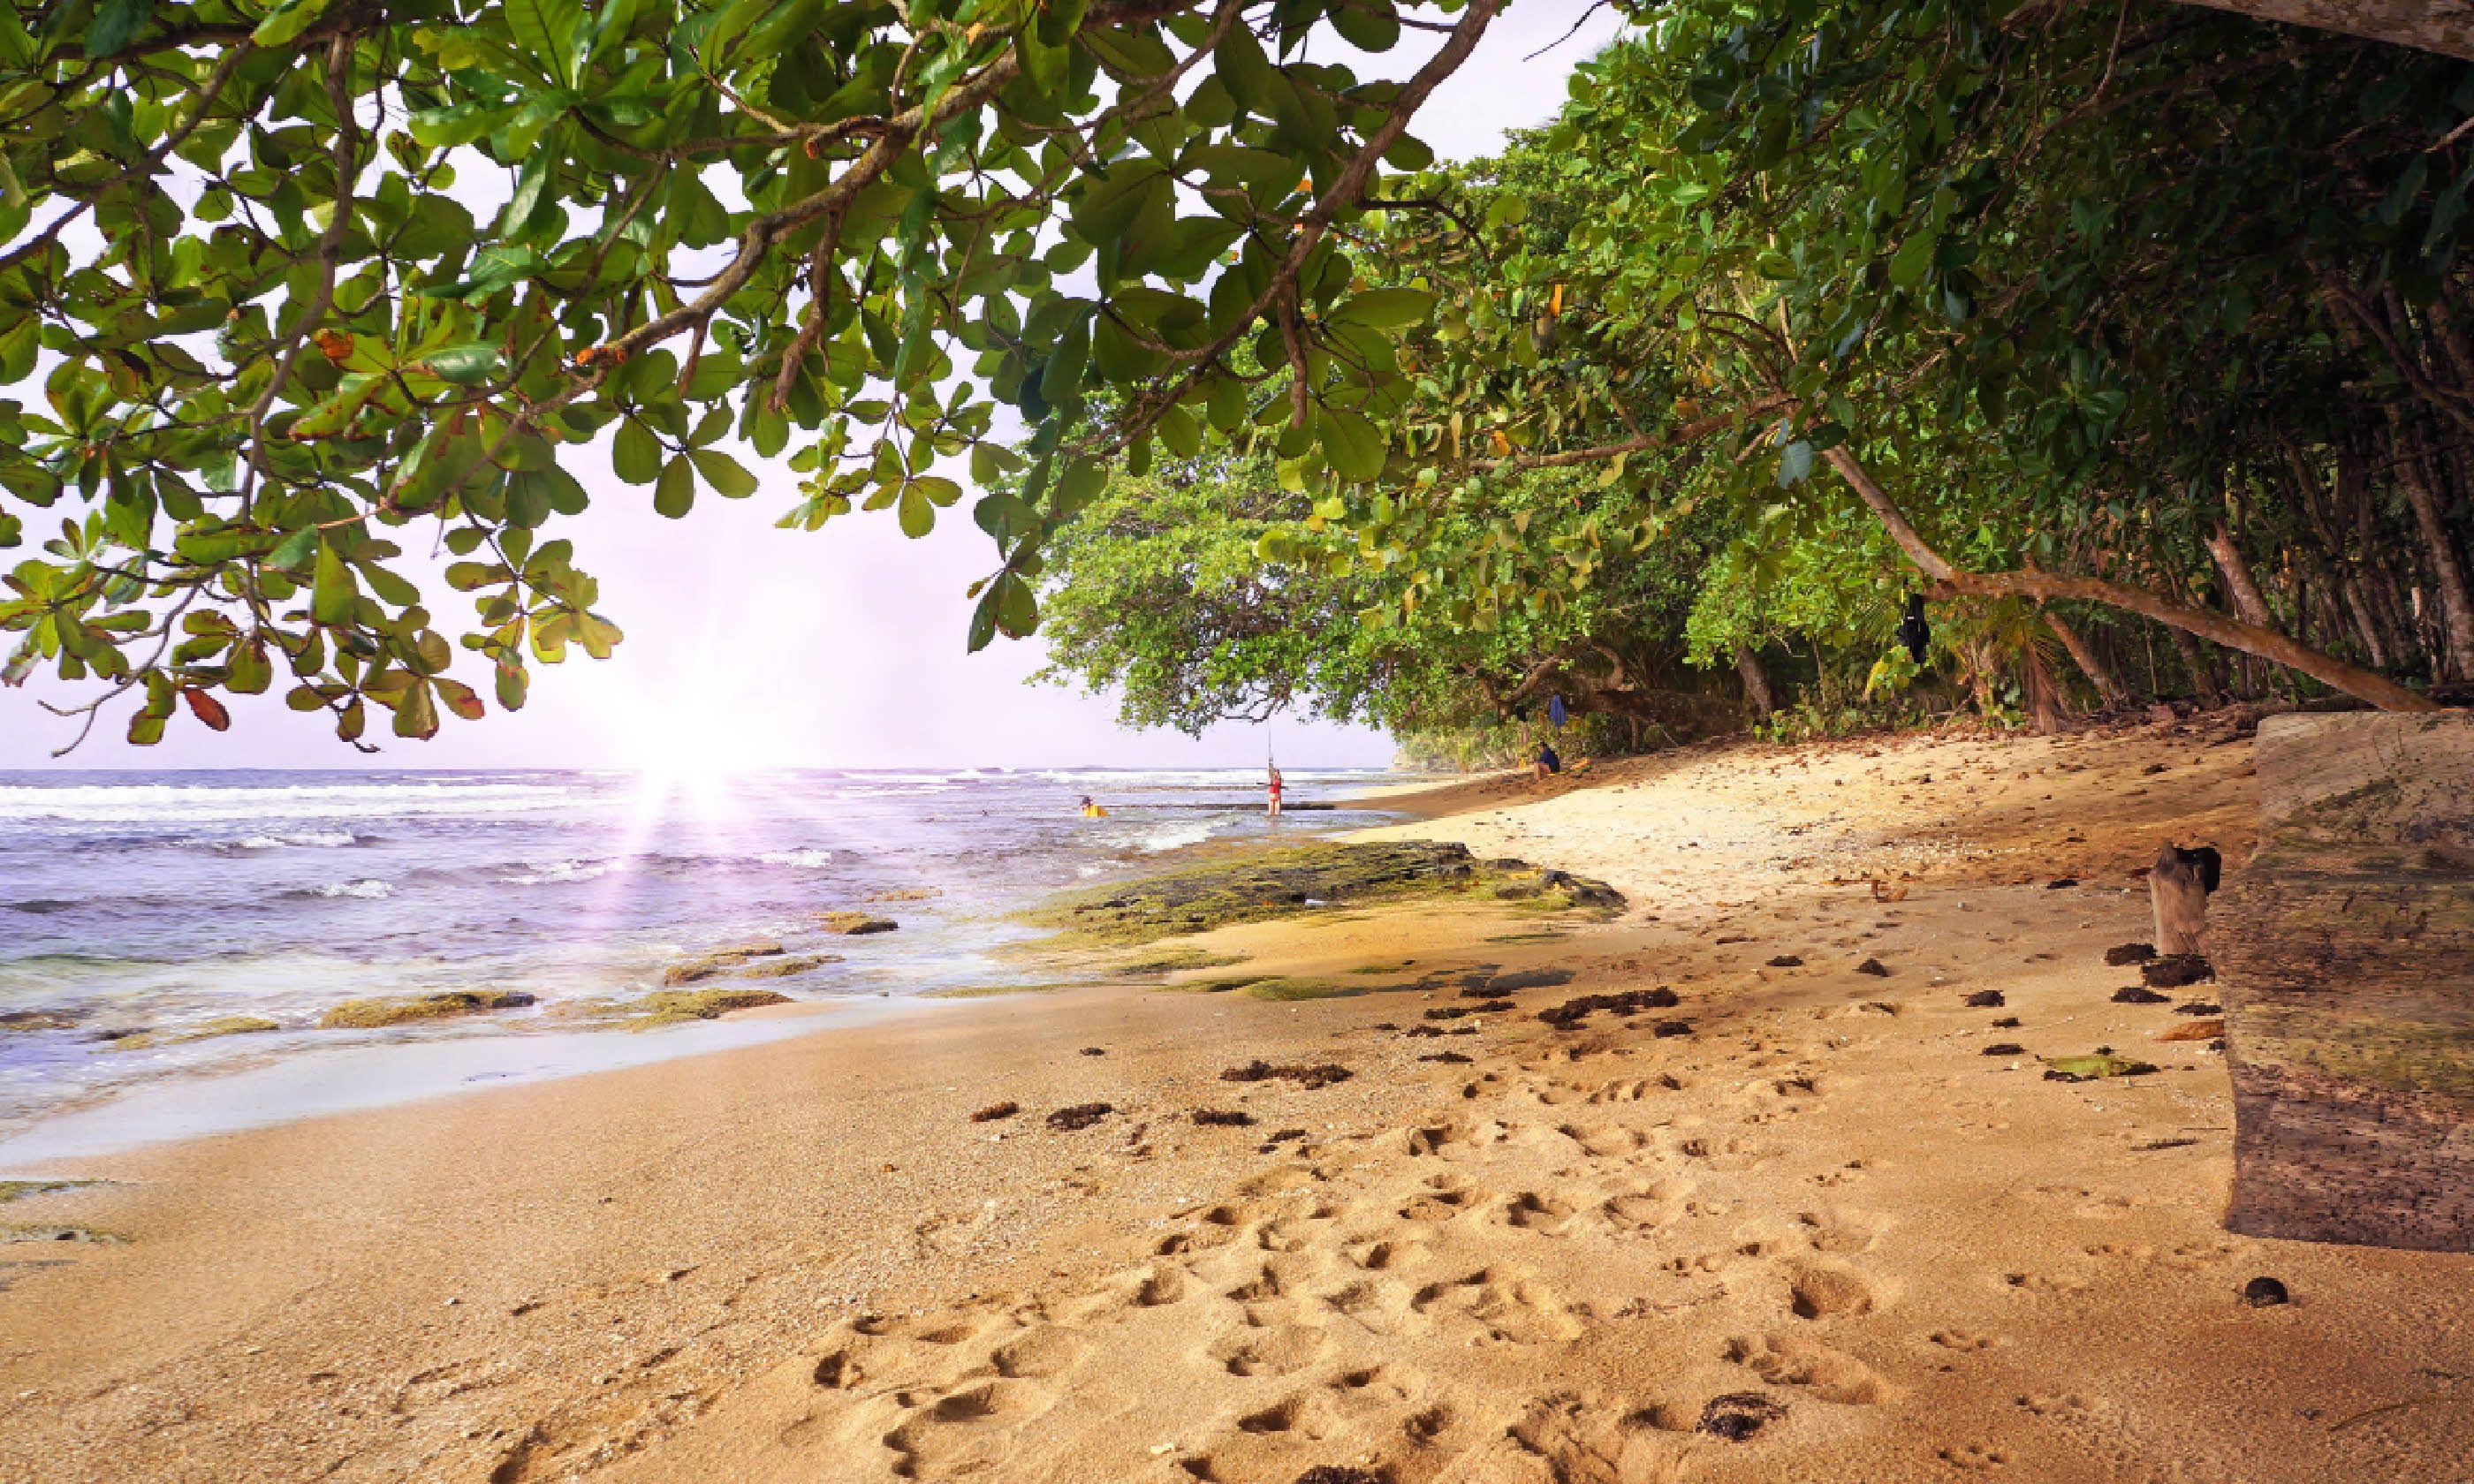 Manzanillo, Costa Rica (Shutterstock)